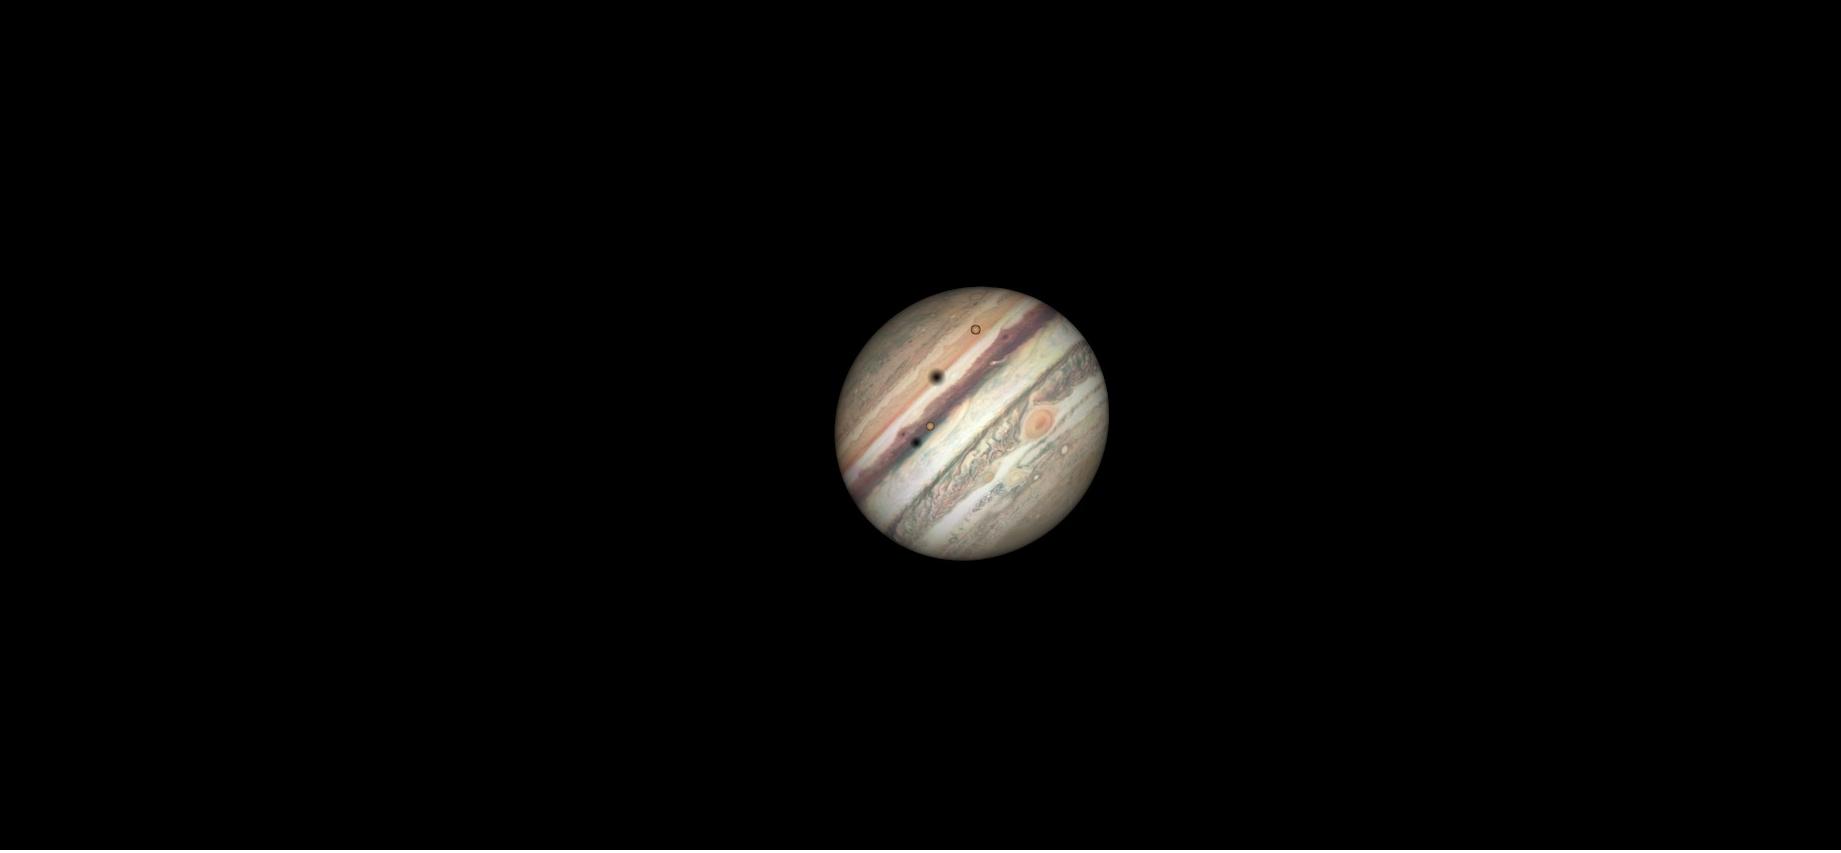 [Bild: Jupiter-Schatten20160316.jpeg]